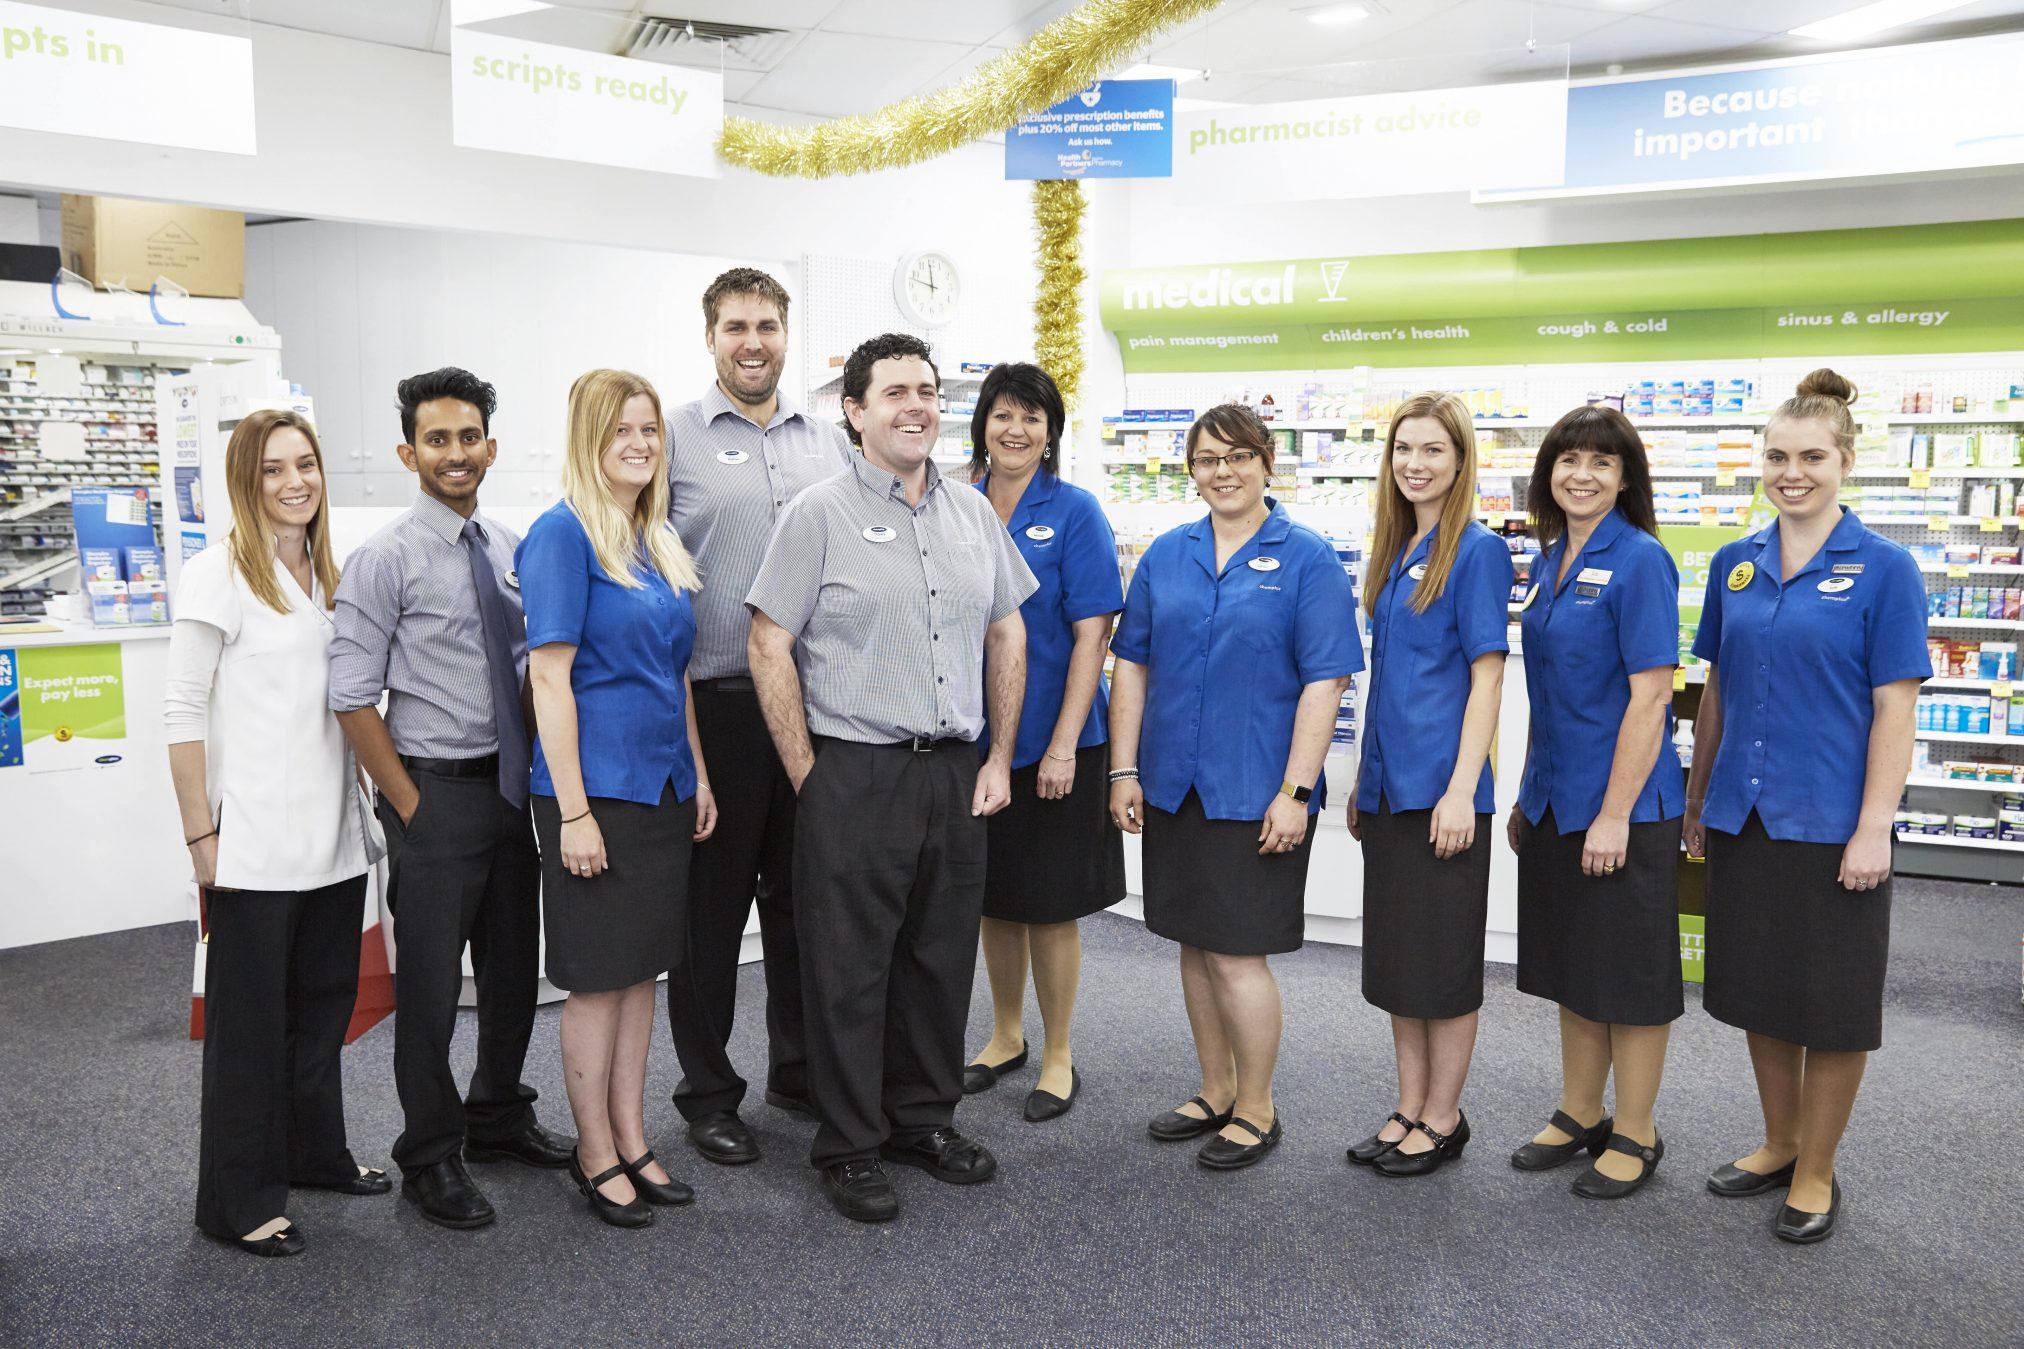 Waikerie Pharmacy team